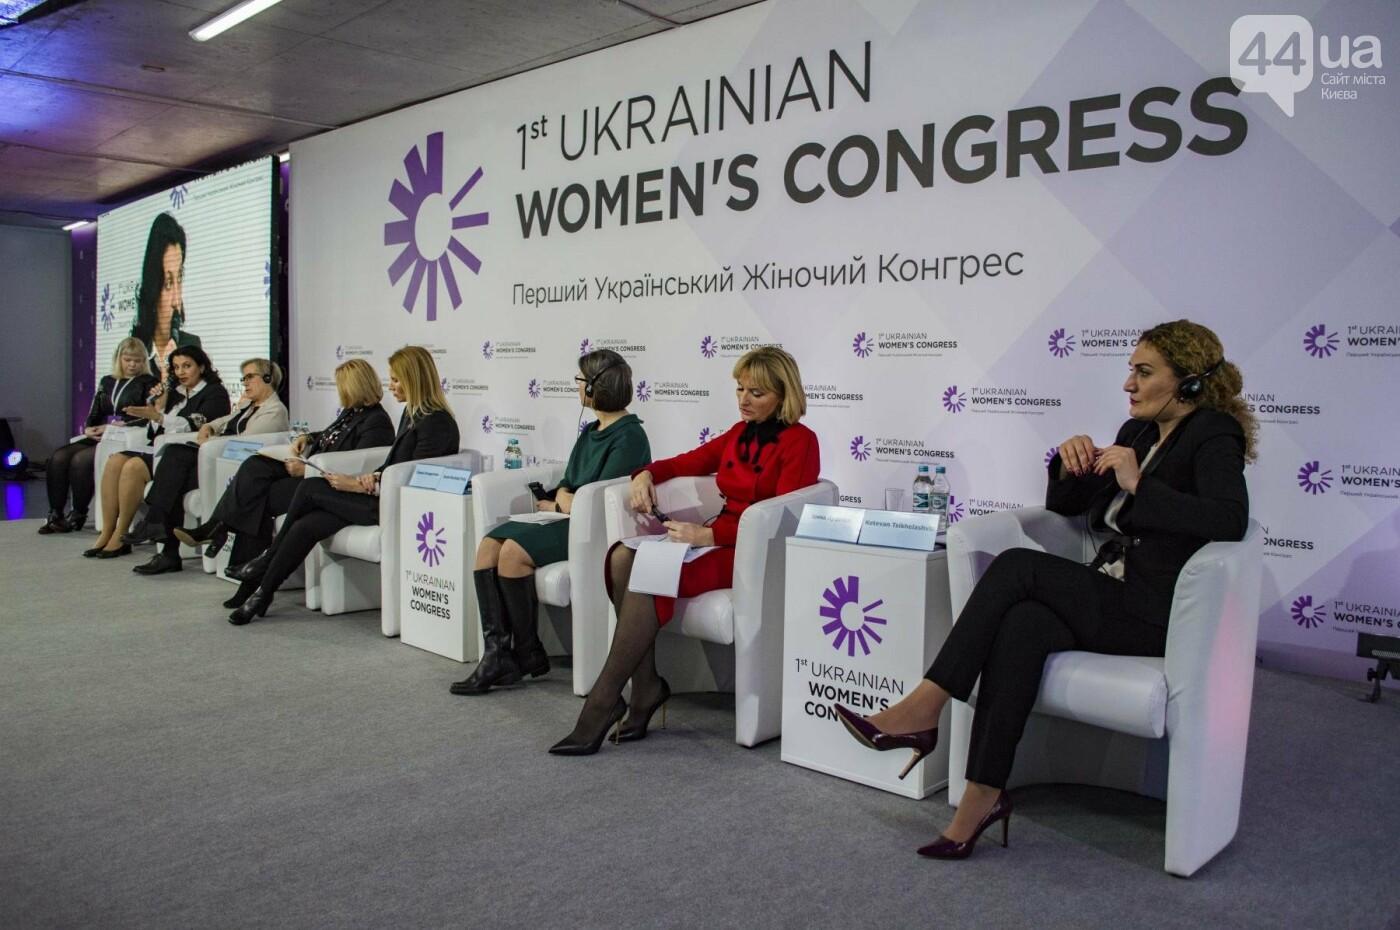 В Киеве проходит первый украинский Женский конгресс (ФОТО), фото-9